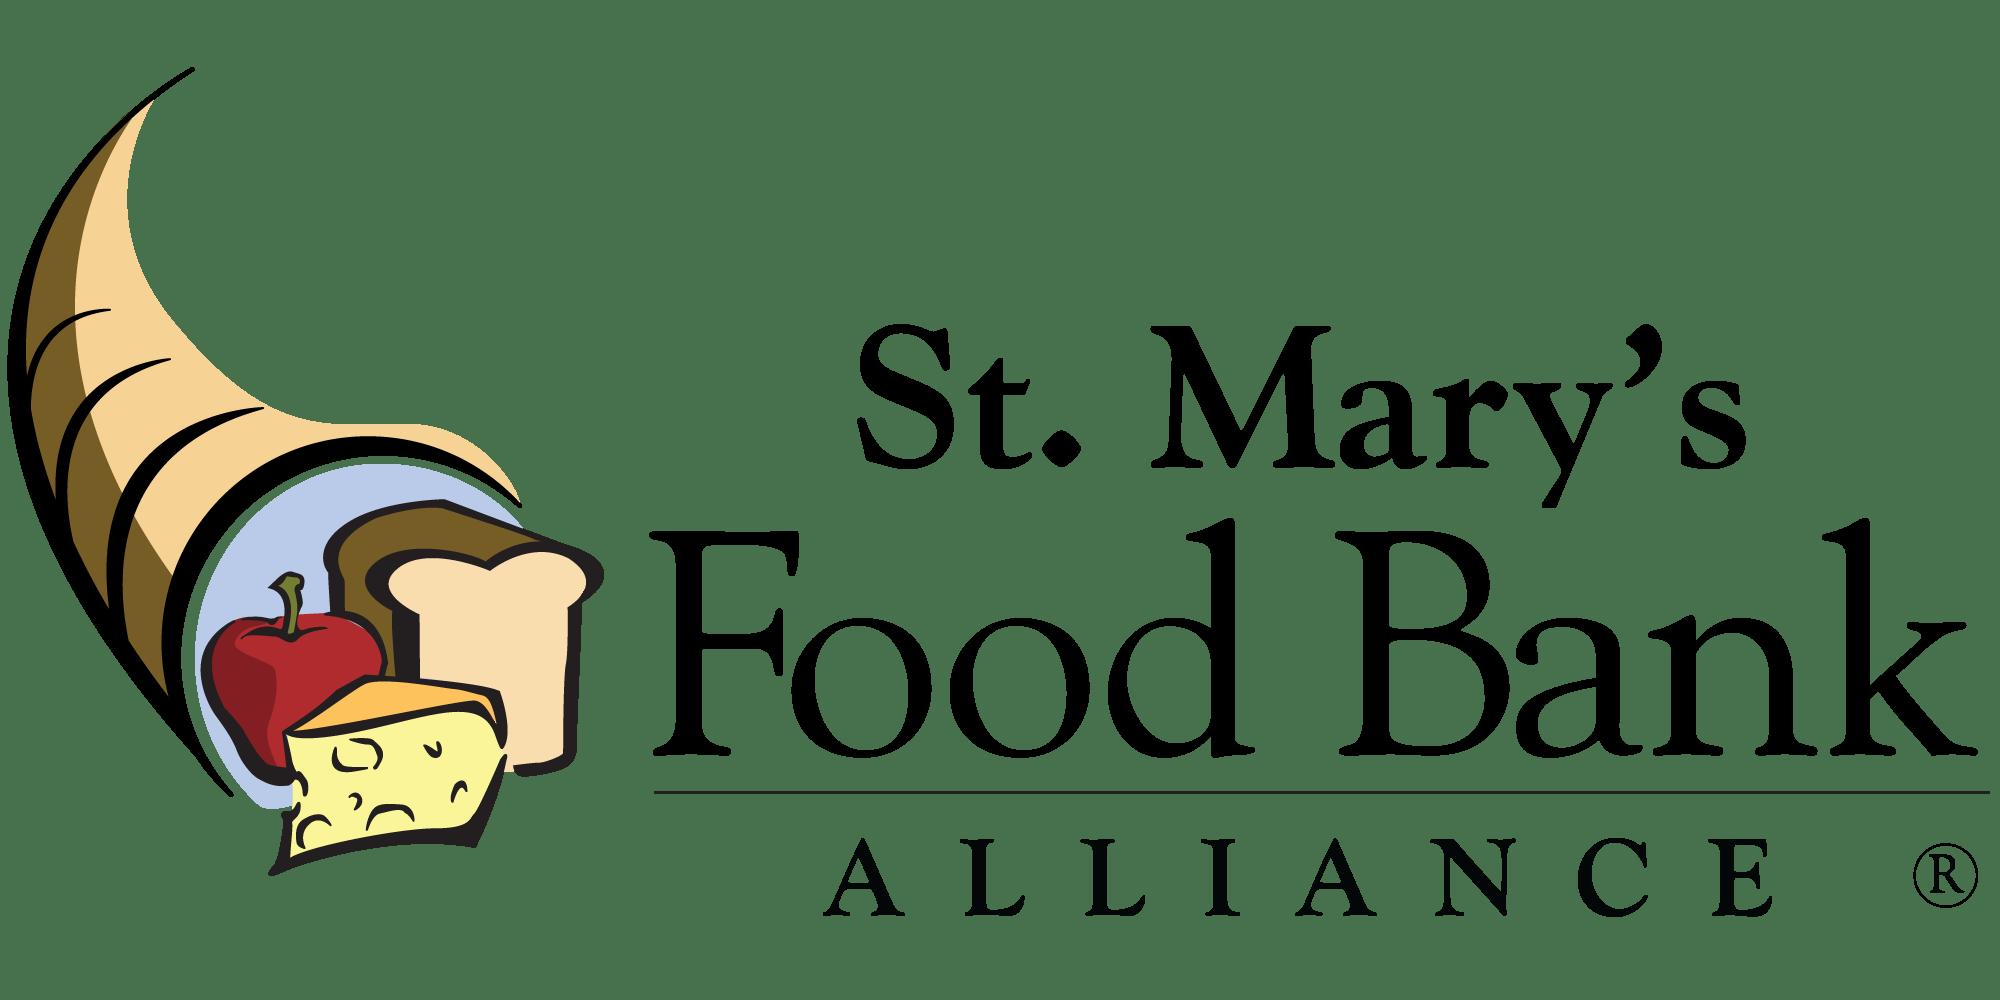 St.Marys